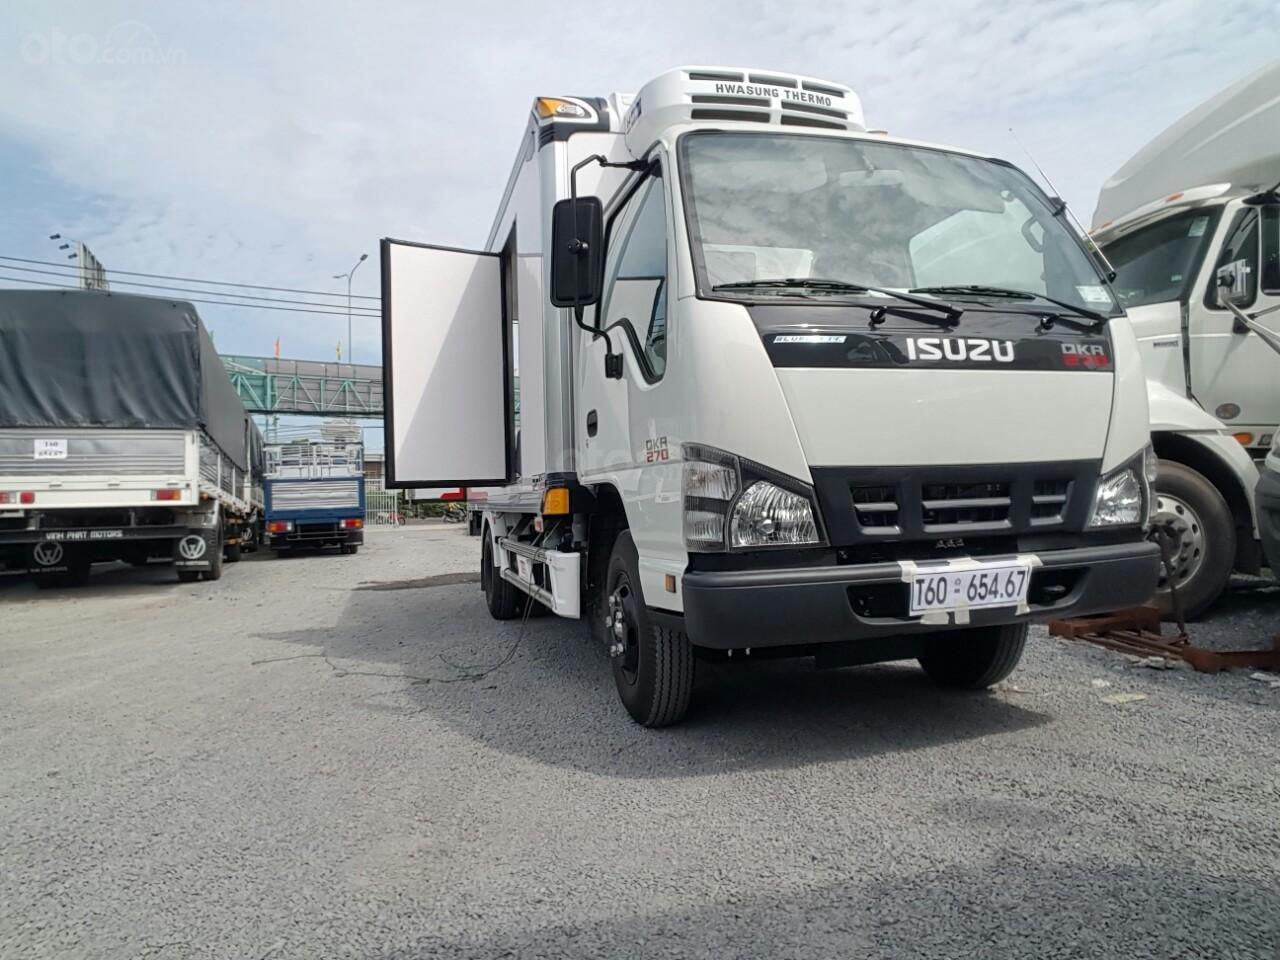 Bán Isuzu QKR77HE4 2019 2 tấn 4, là dòng xe tải nhẹ cao cấp hiện nay, ưu đãi lớn khi mua xe. LH: 0939683779 (4)